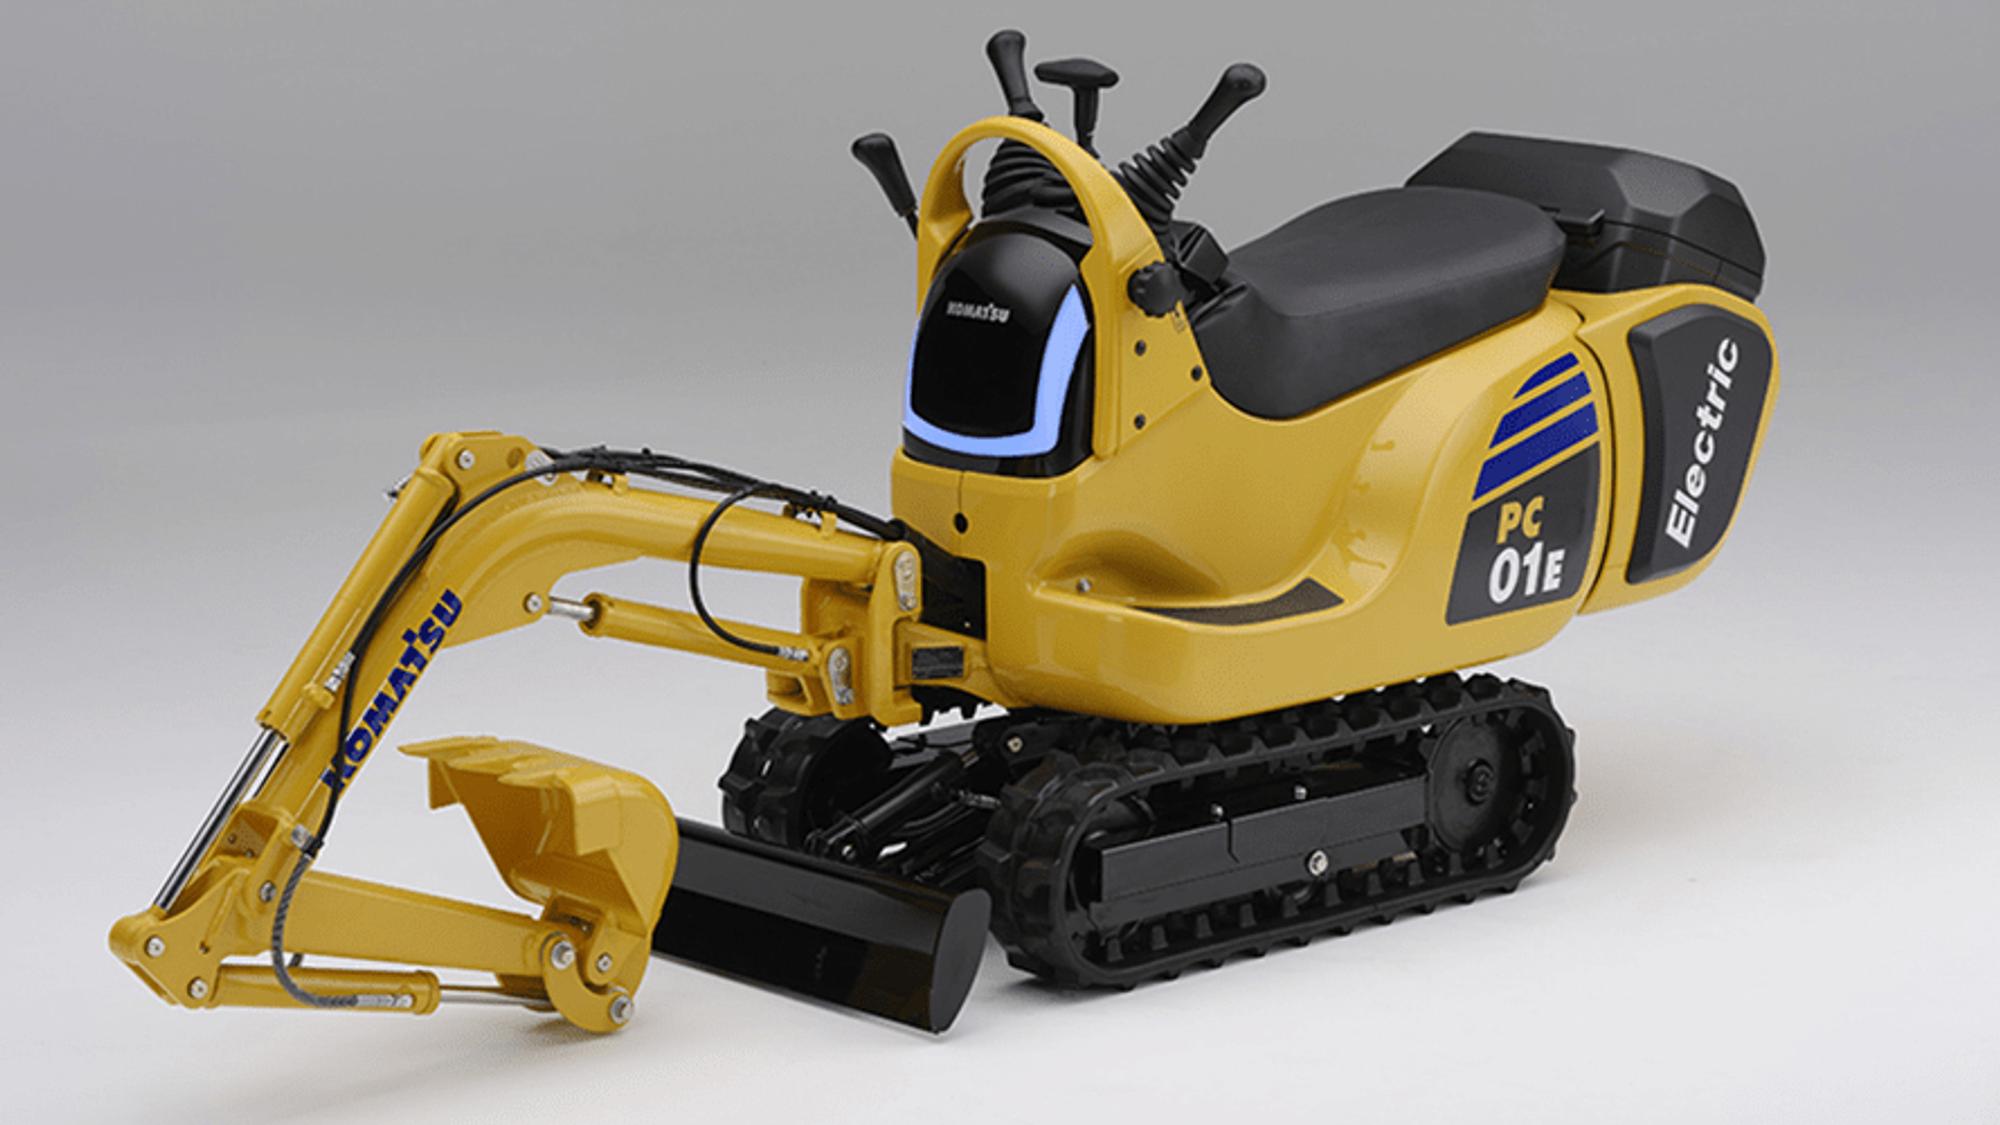 Sammen med Honda vil Komatsu utvikle en liten gravemaskin som kan bruke utskiftbare batteripakker.